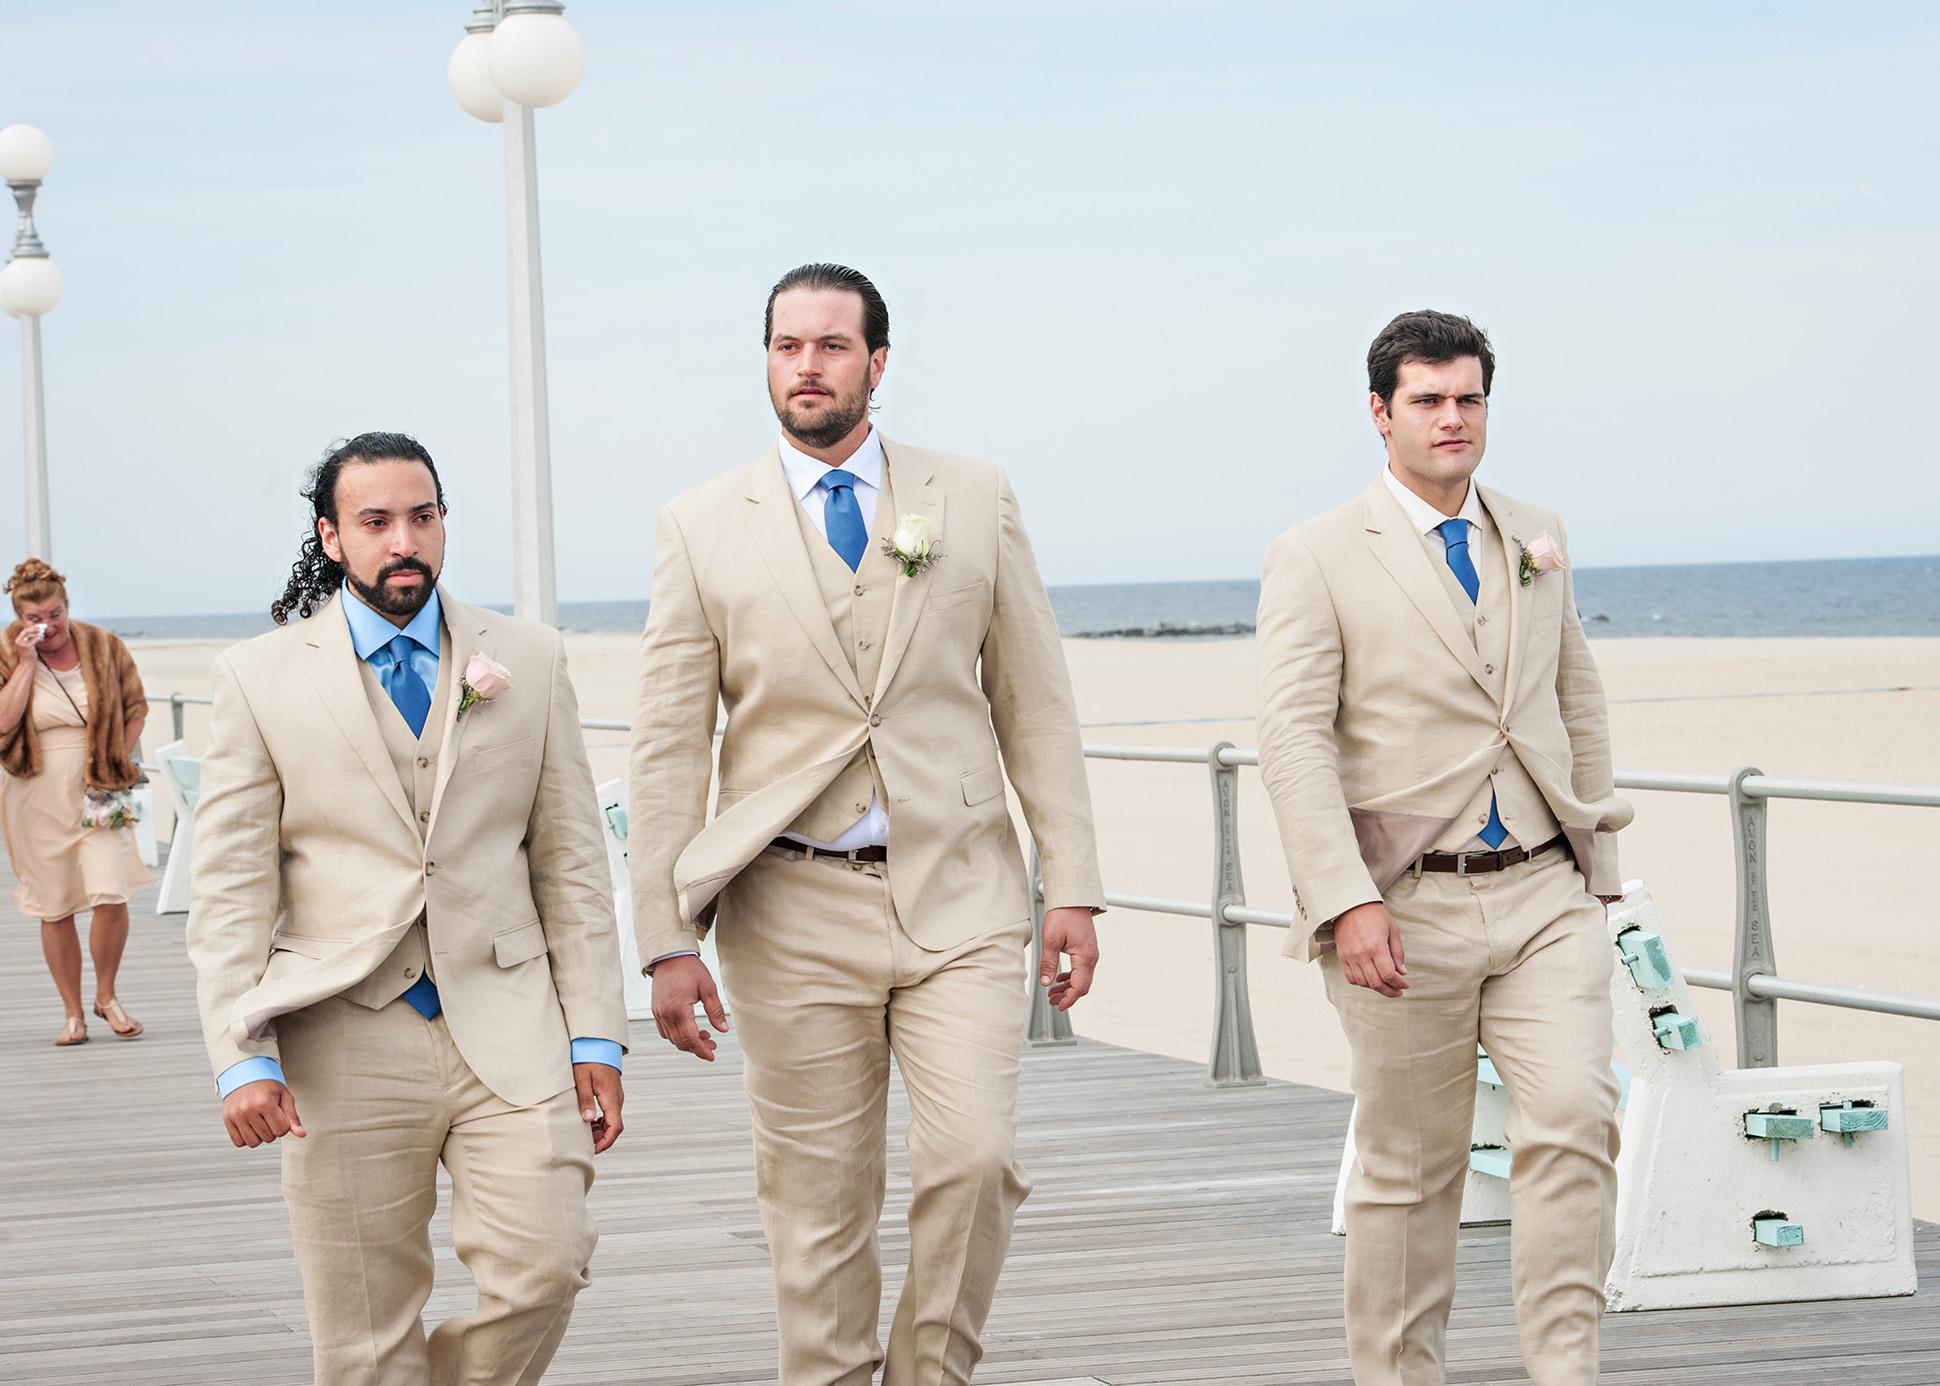 16-Sara Stadtmiller-SRS-Photography-Asbury-Park-Wedding-Photographer-Monmouth-County-Wedding-Photographer-NJ-Wedding-Photographer-Avon-by-the-Sea-Wedding-The-Columns-Wedding